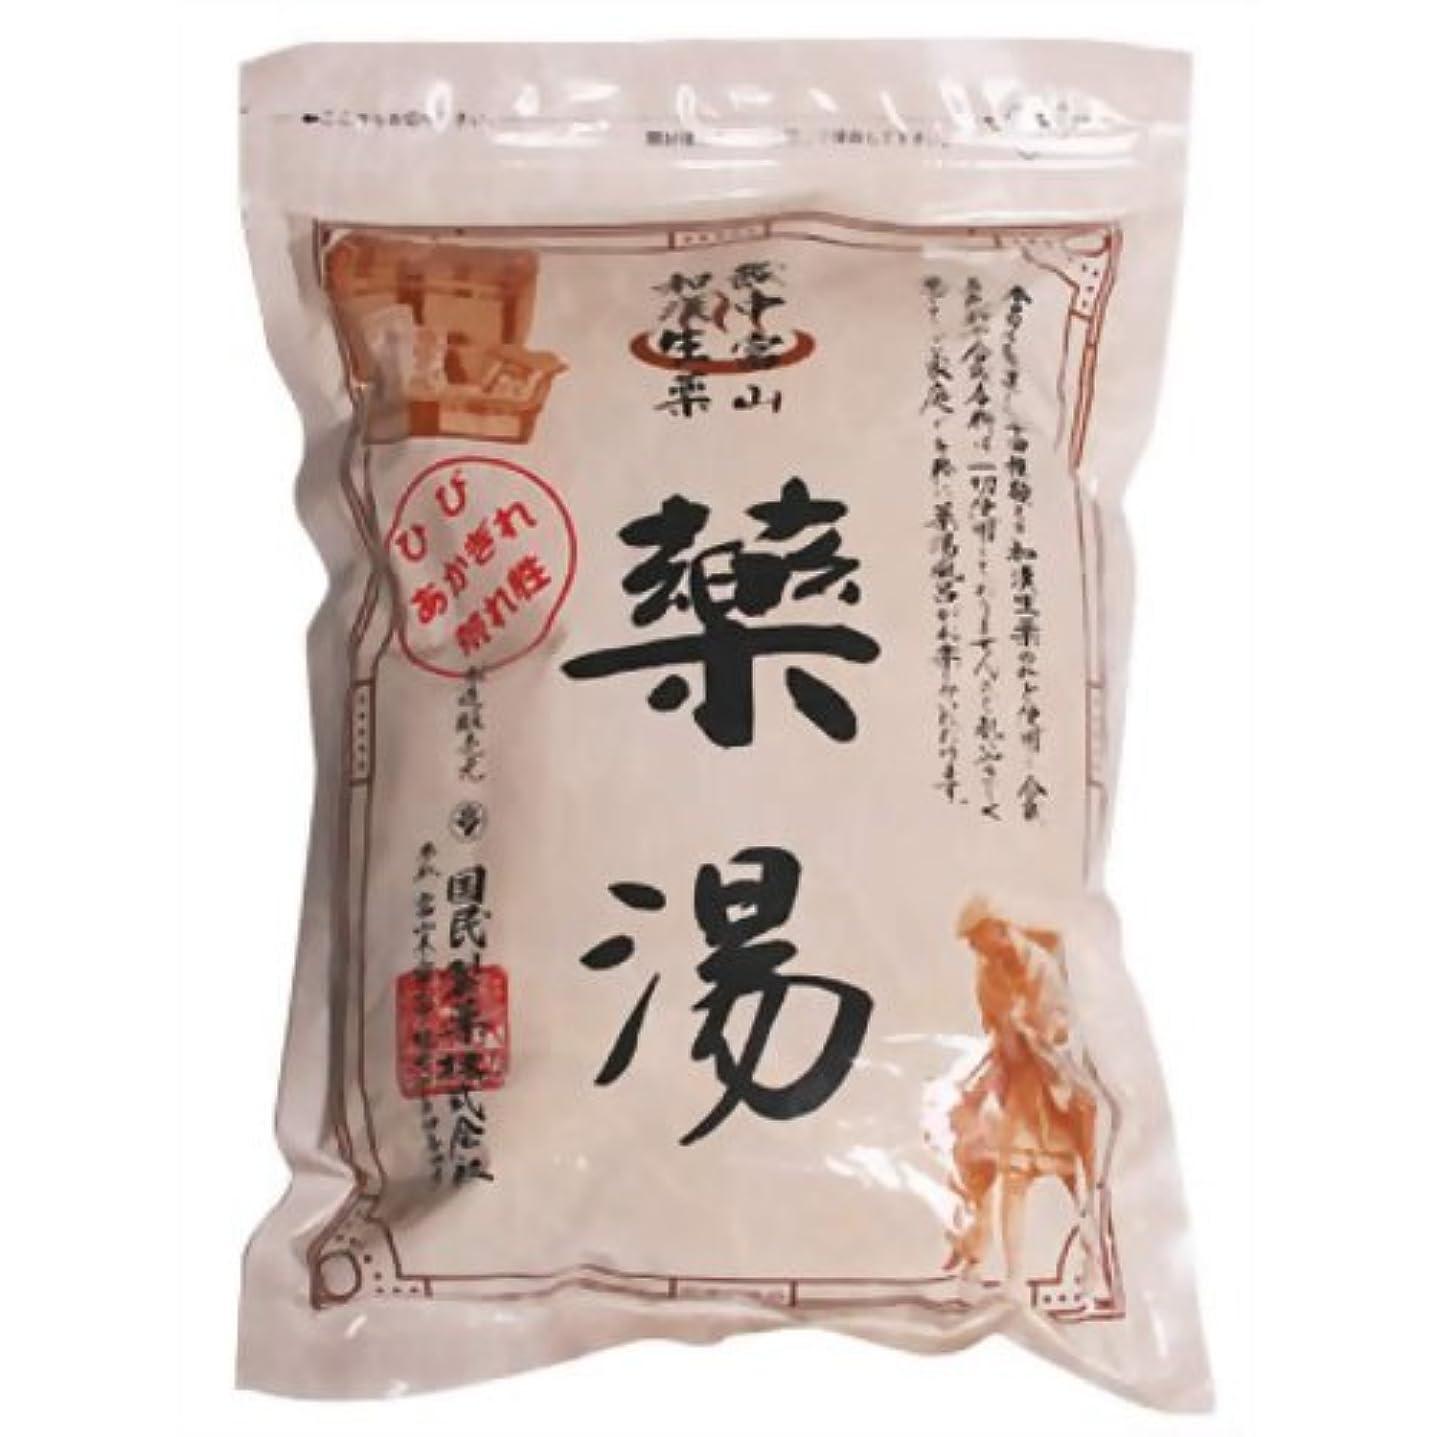 海岸含む形式薬湯 寿湯 40g*10包(入浴剤)